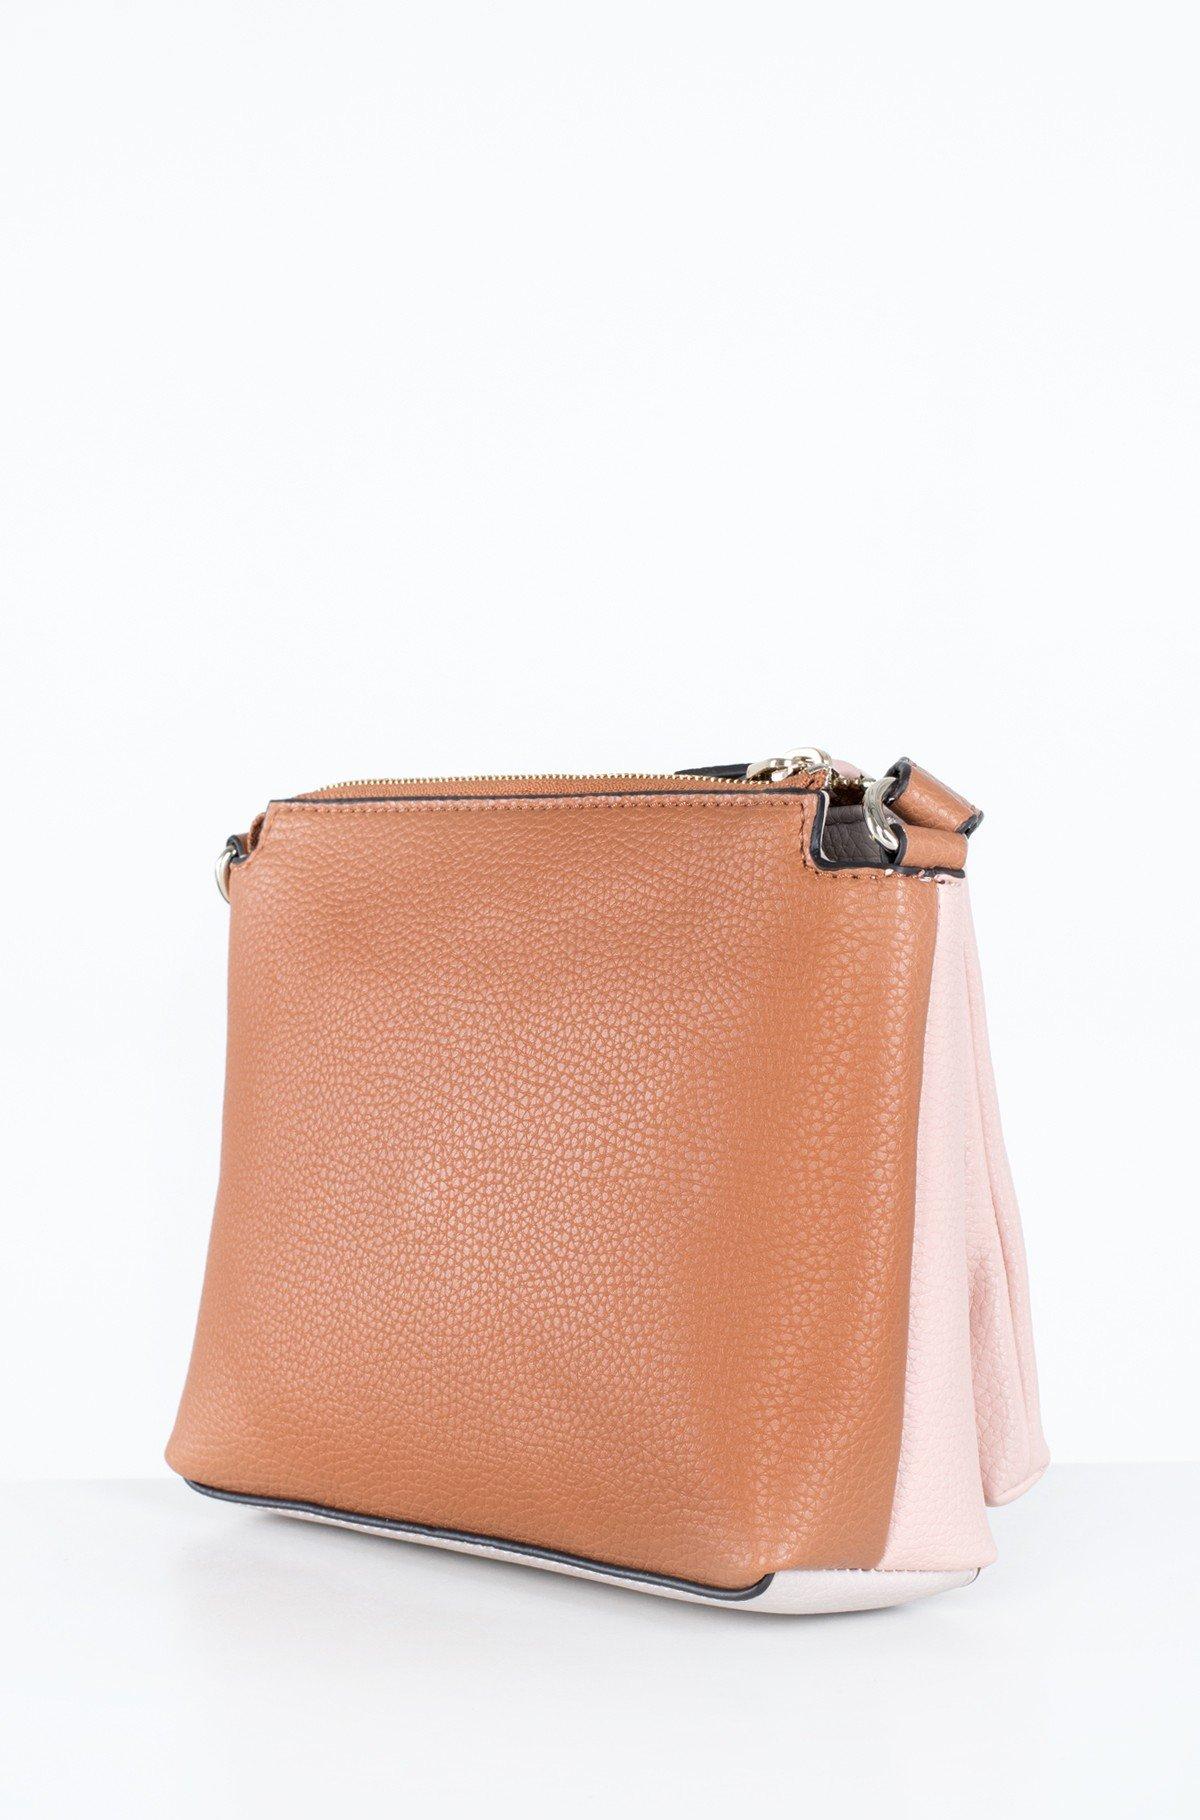 Shoulder bag HWVG77 42690-full-3